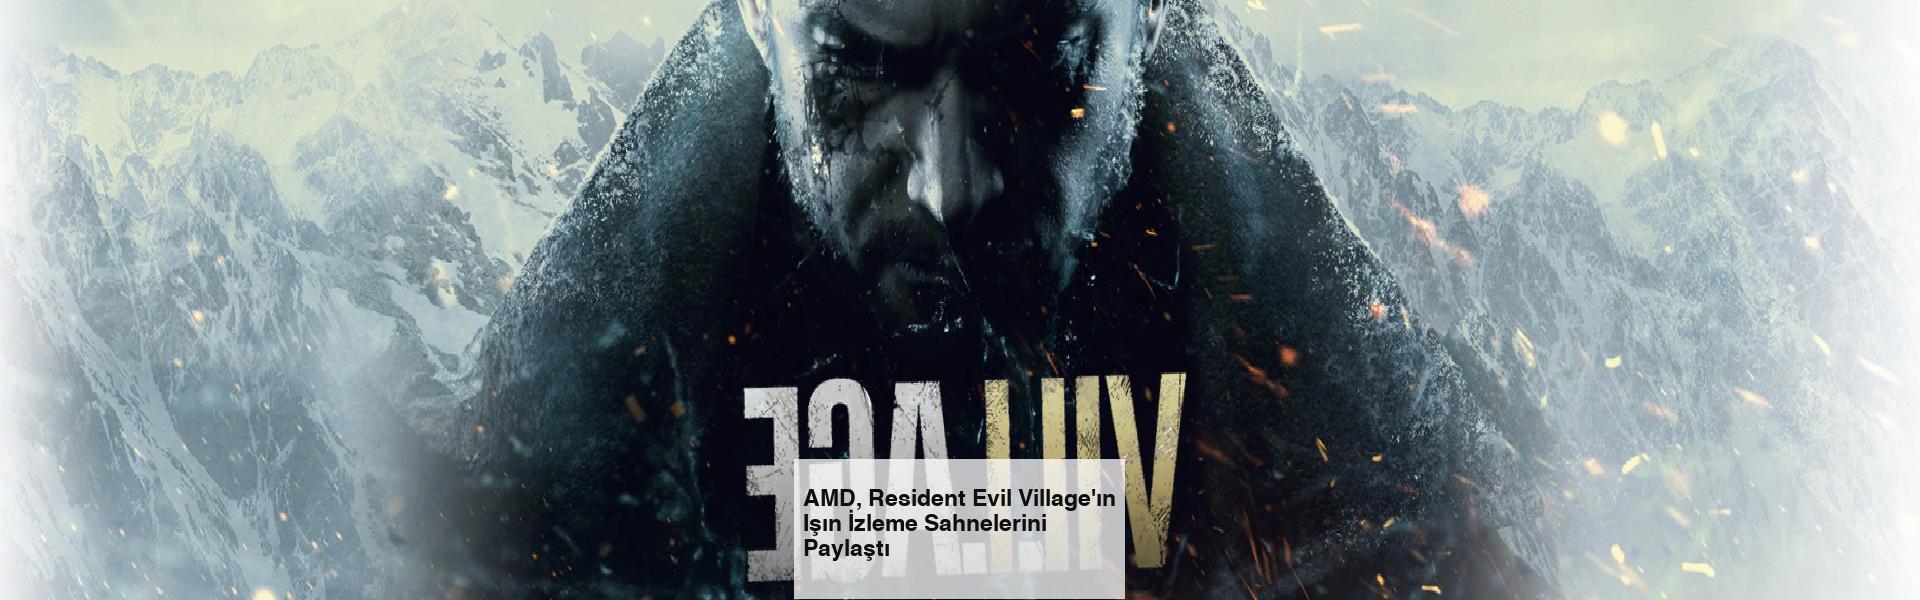 AMD, Resident Evil Village'ın Işın İzleme Sahnelerini Paylaştı